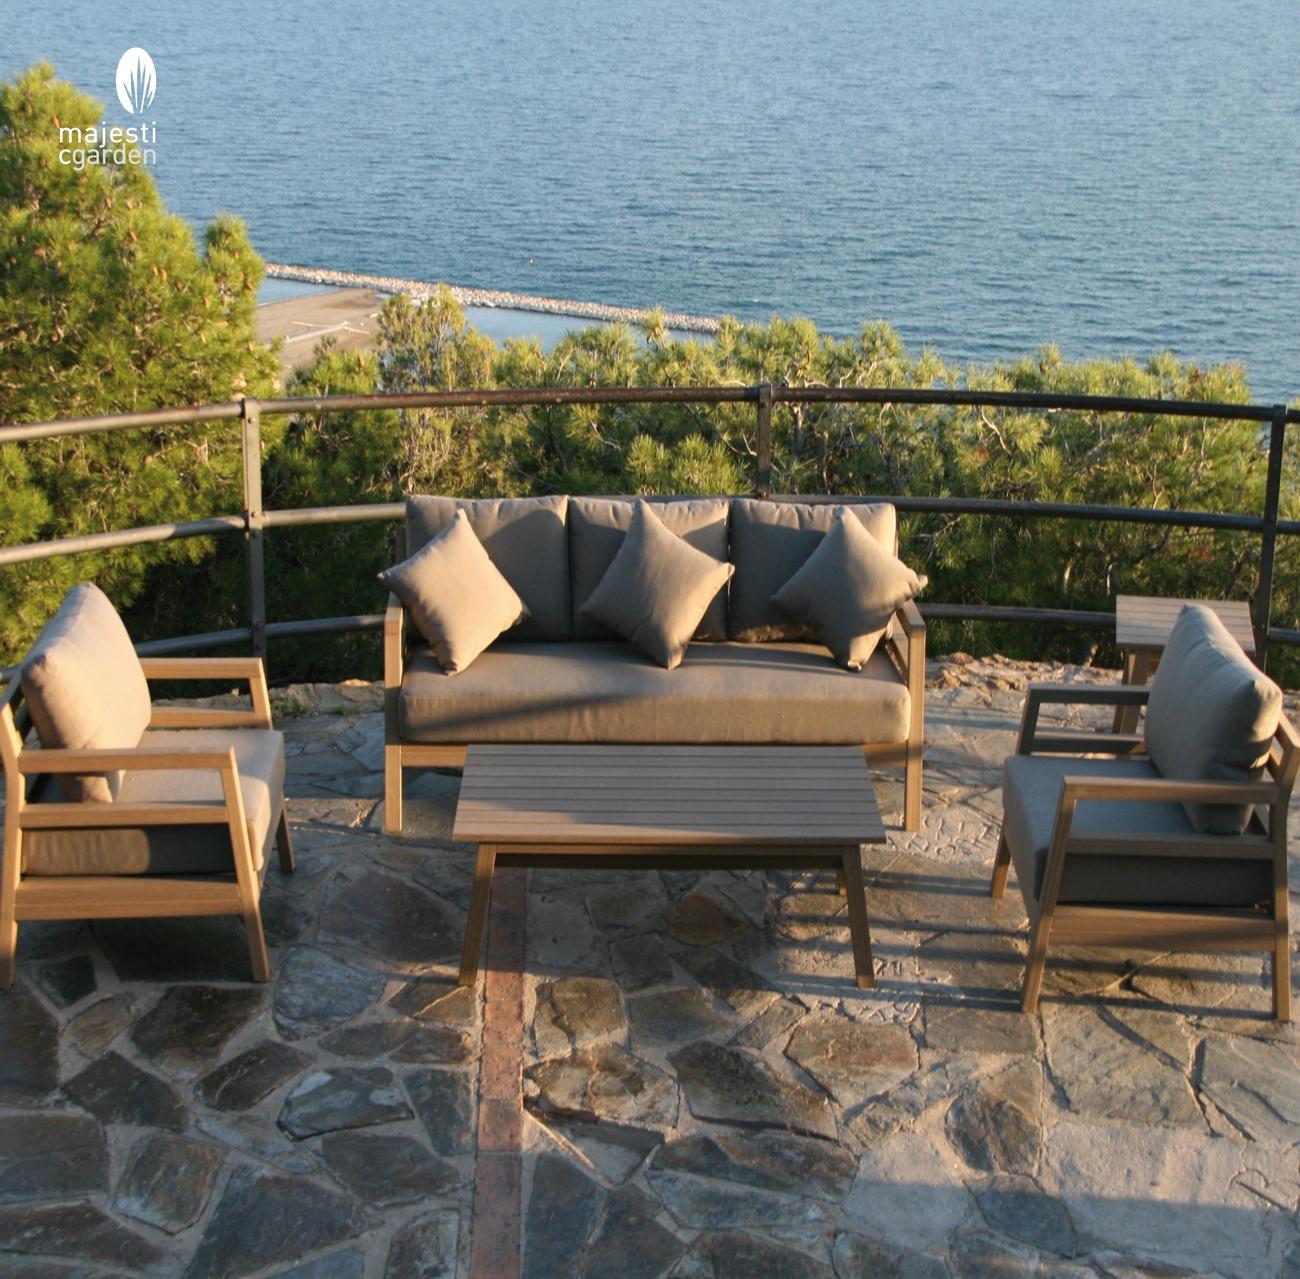 SET SOFA DE EXTERIOR BARBADOS - Set para terraza o jardín modelo BARBADOS de Majestic Garden